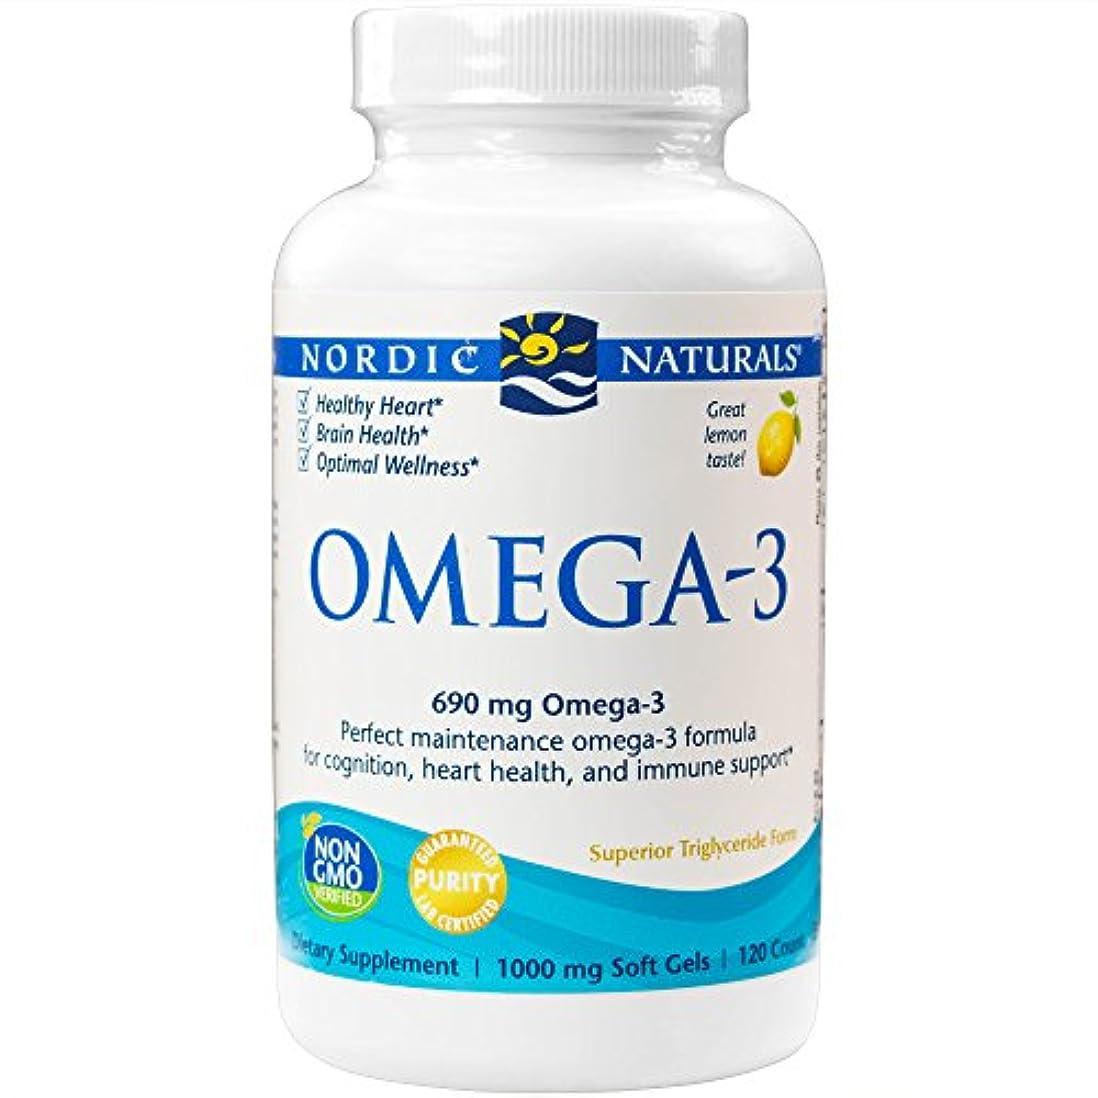 移動する共役見えない海外直送品Omega-3, 1000 mg, Lemon 120 softgels by Nordic Naturals